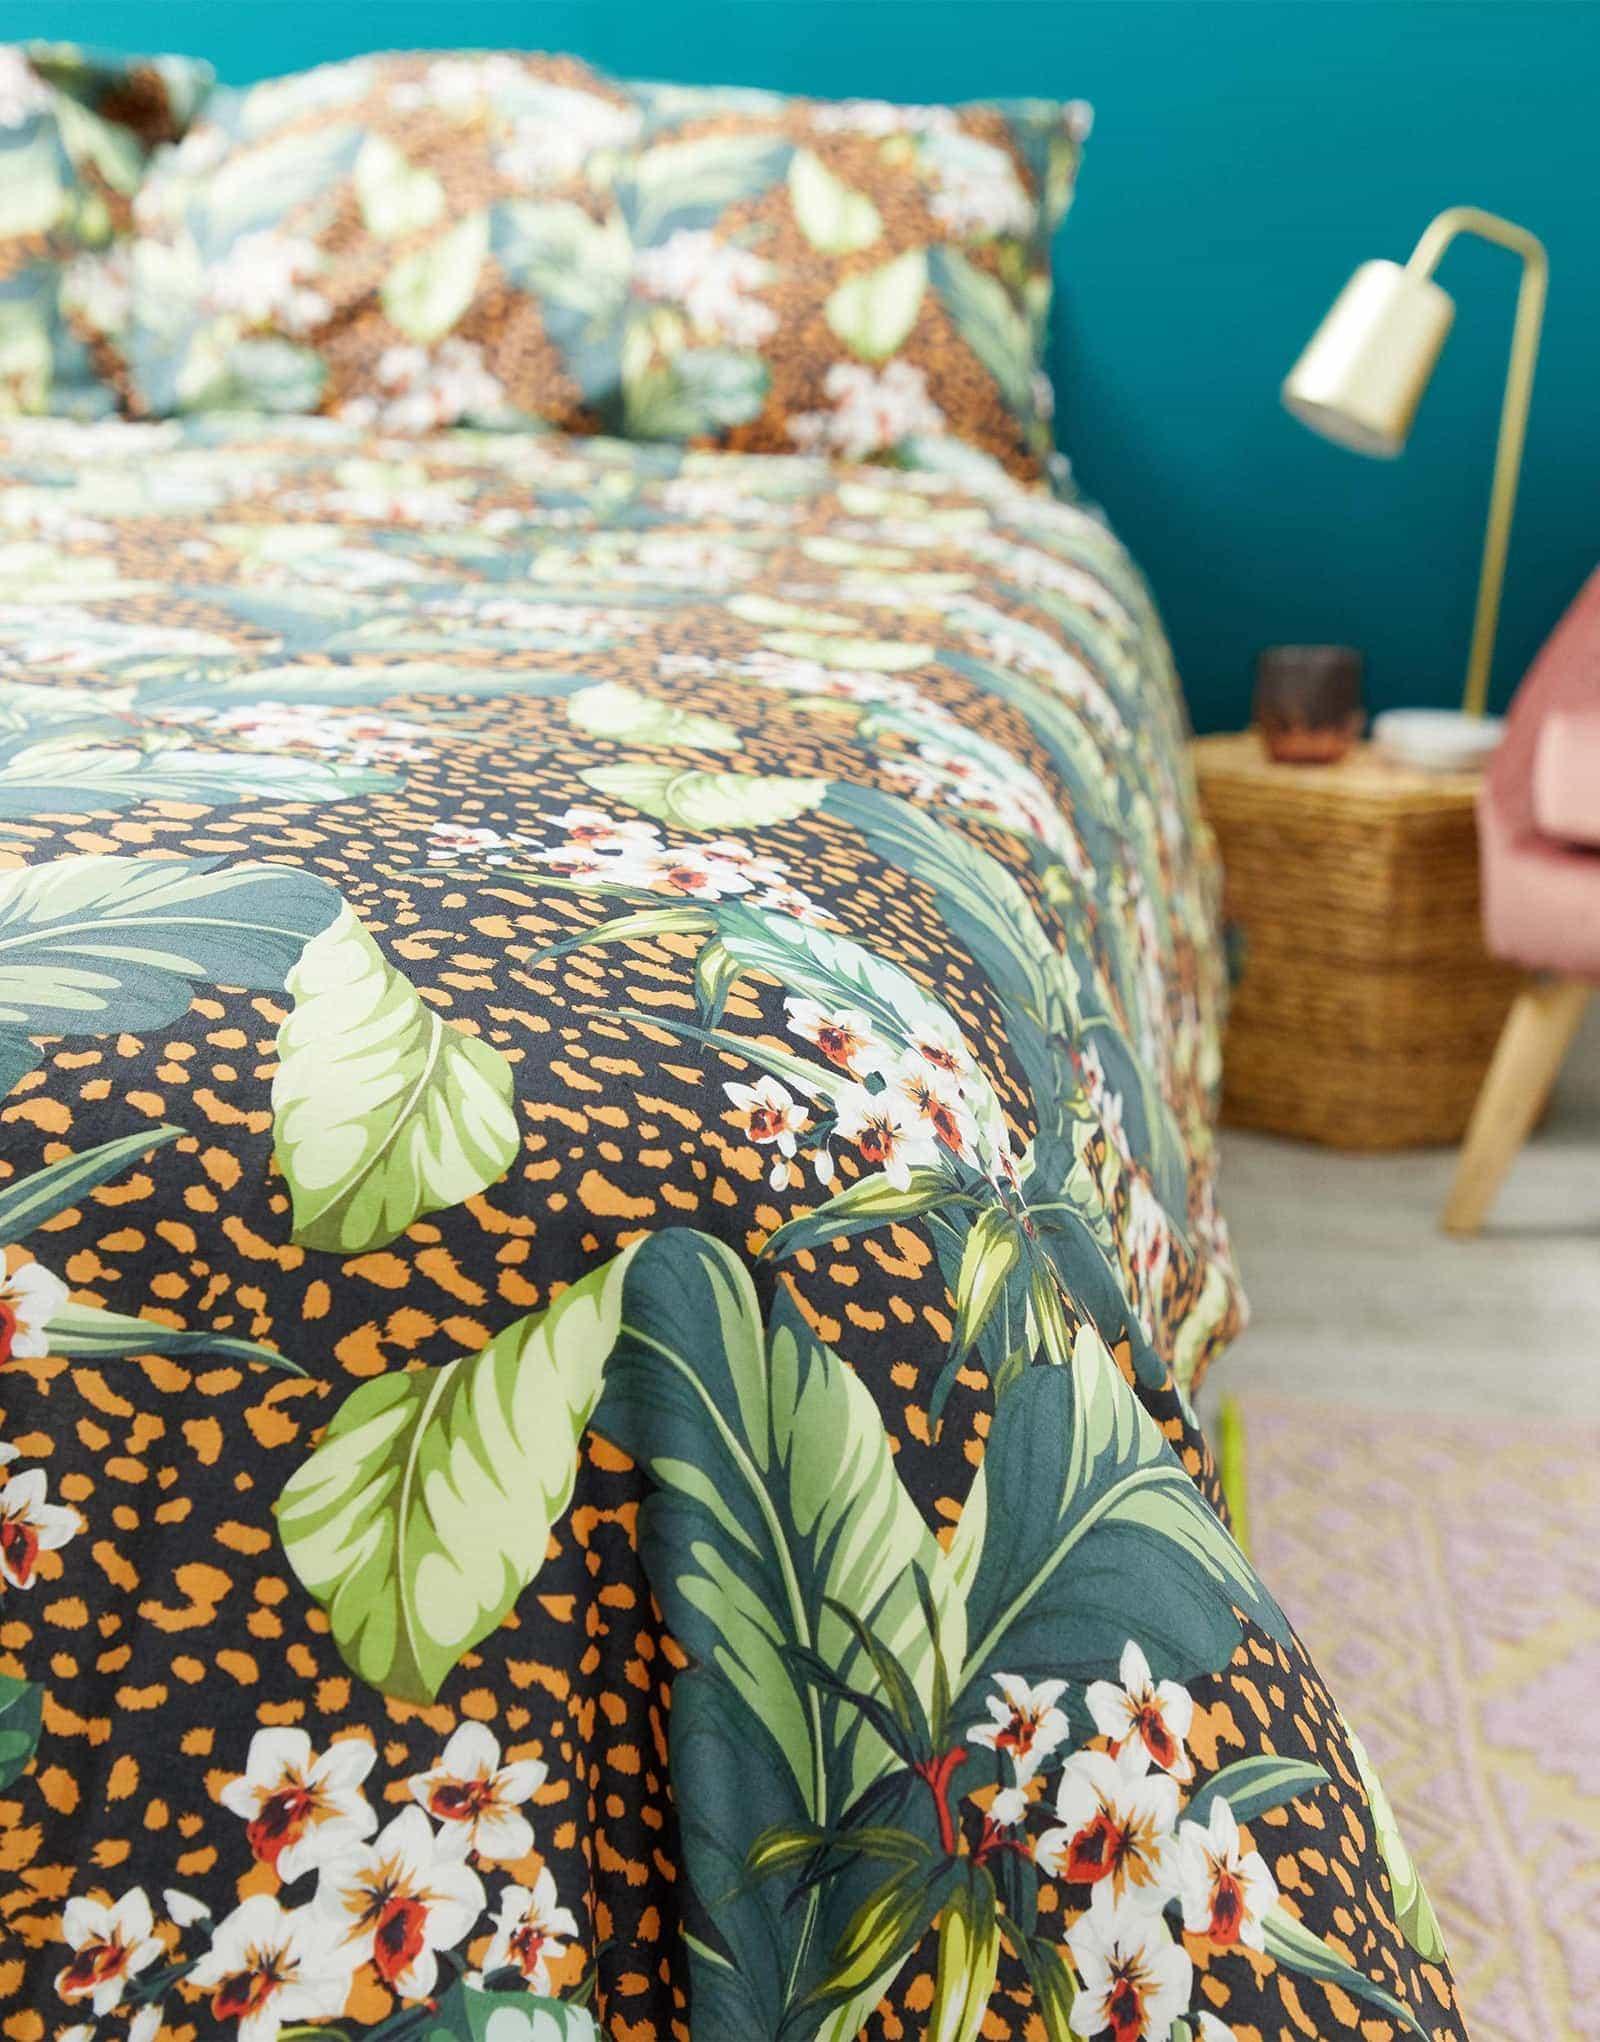 asos leopard print quilt cover set jungle theme bedding